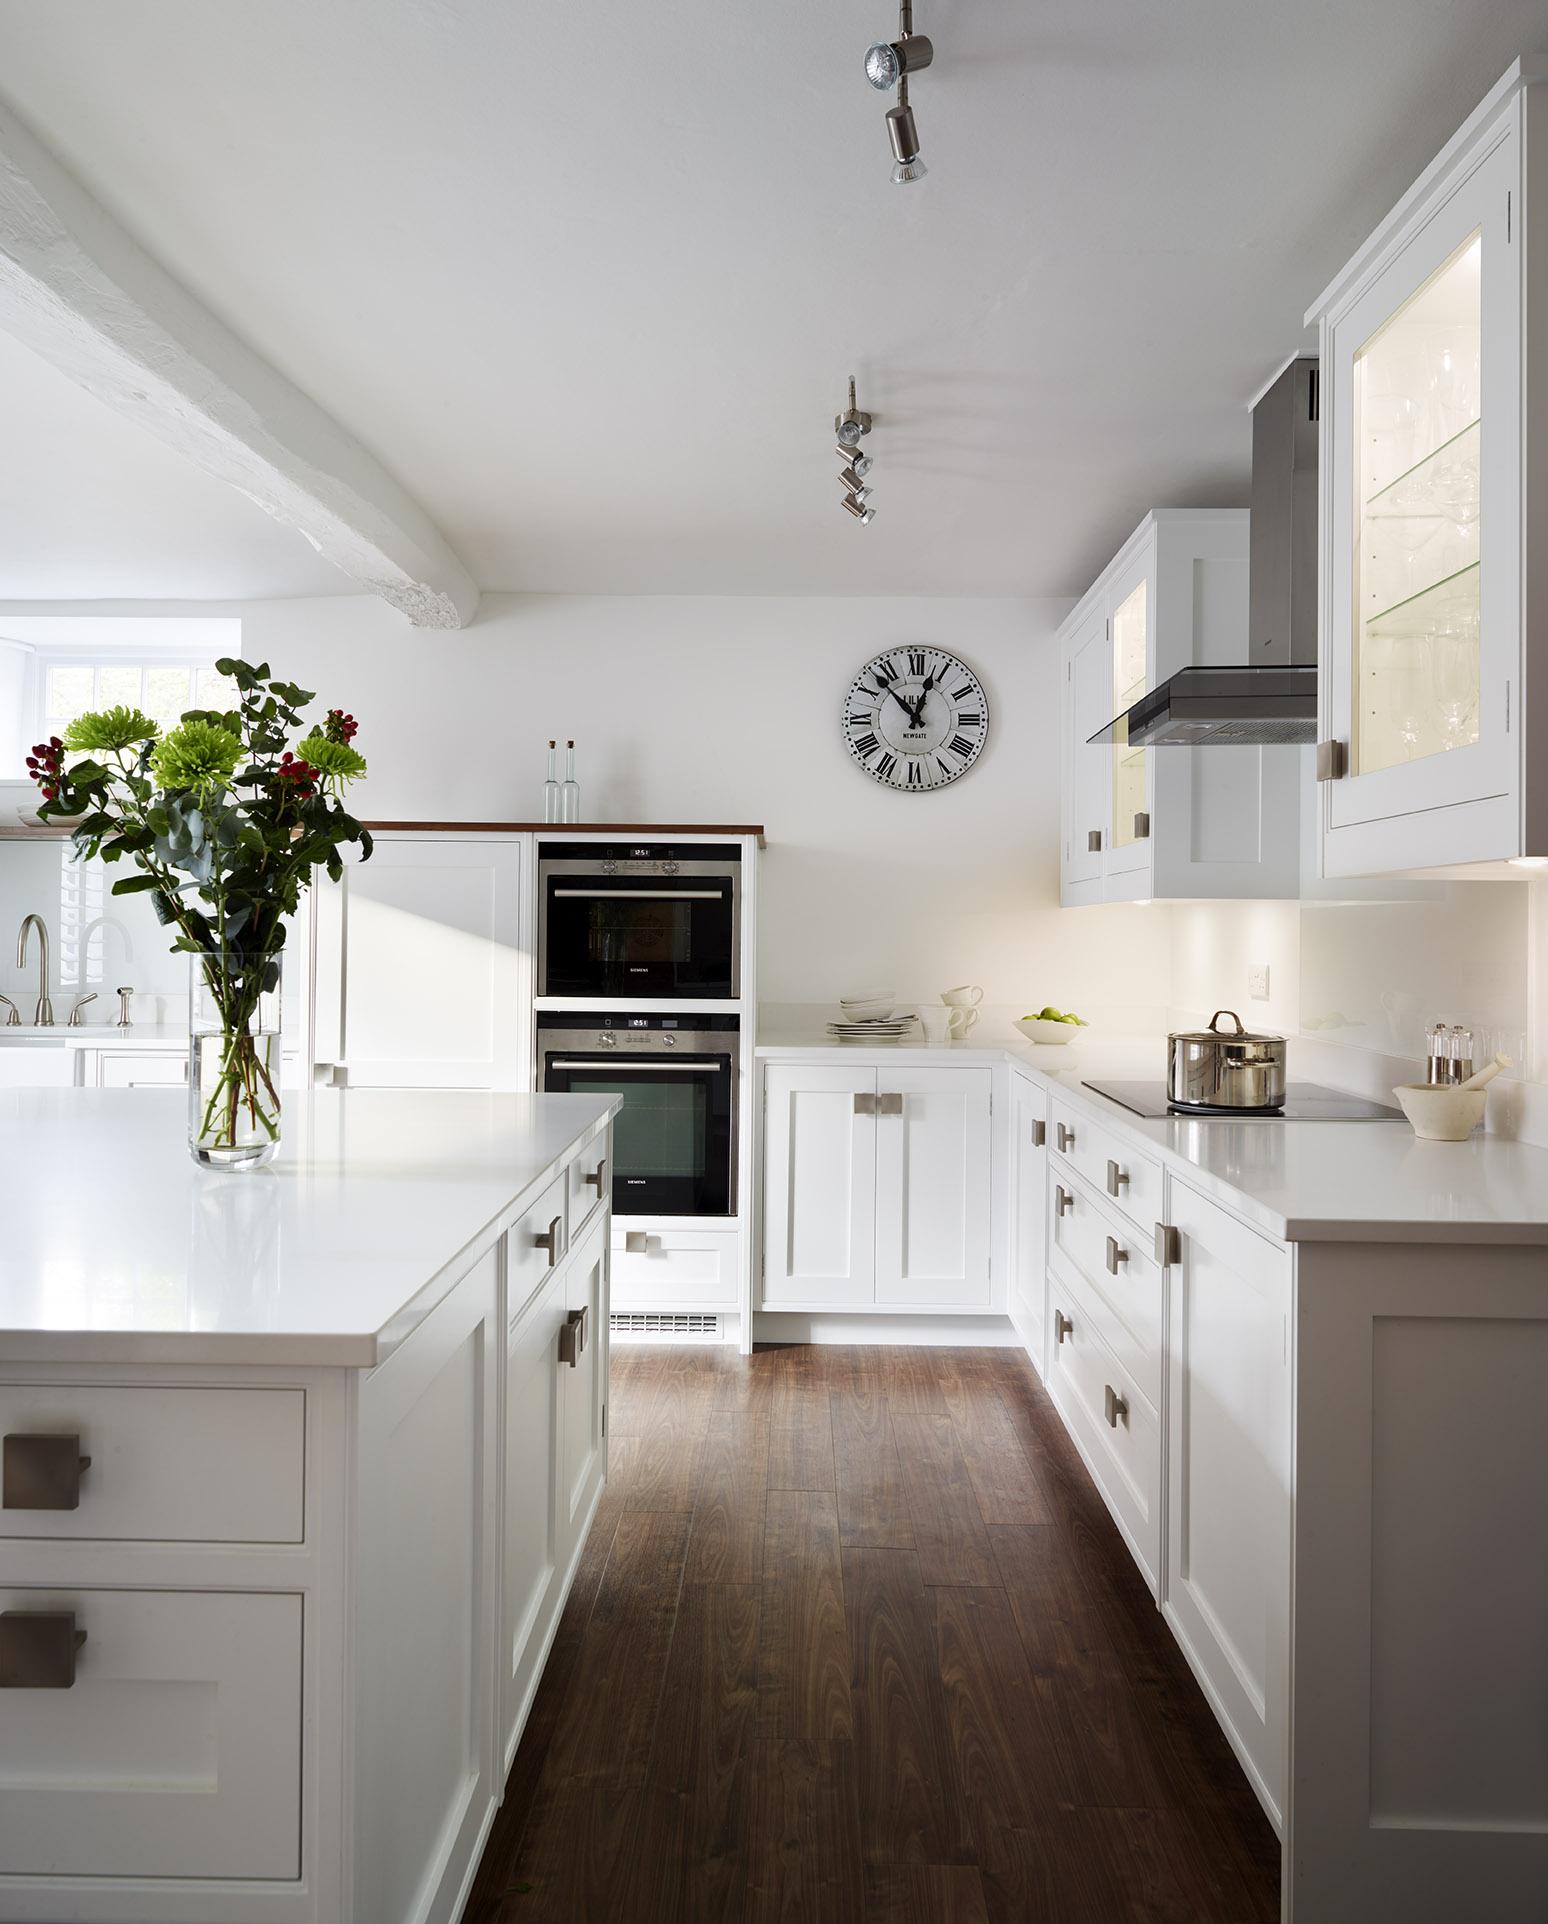 Stoke Goldington - Large and light shaker style kitchen with plenty of storage